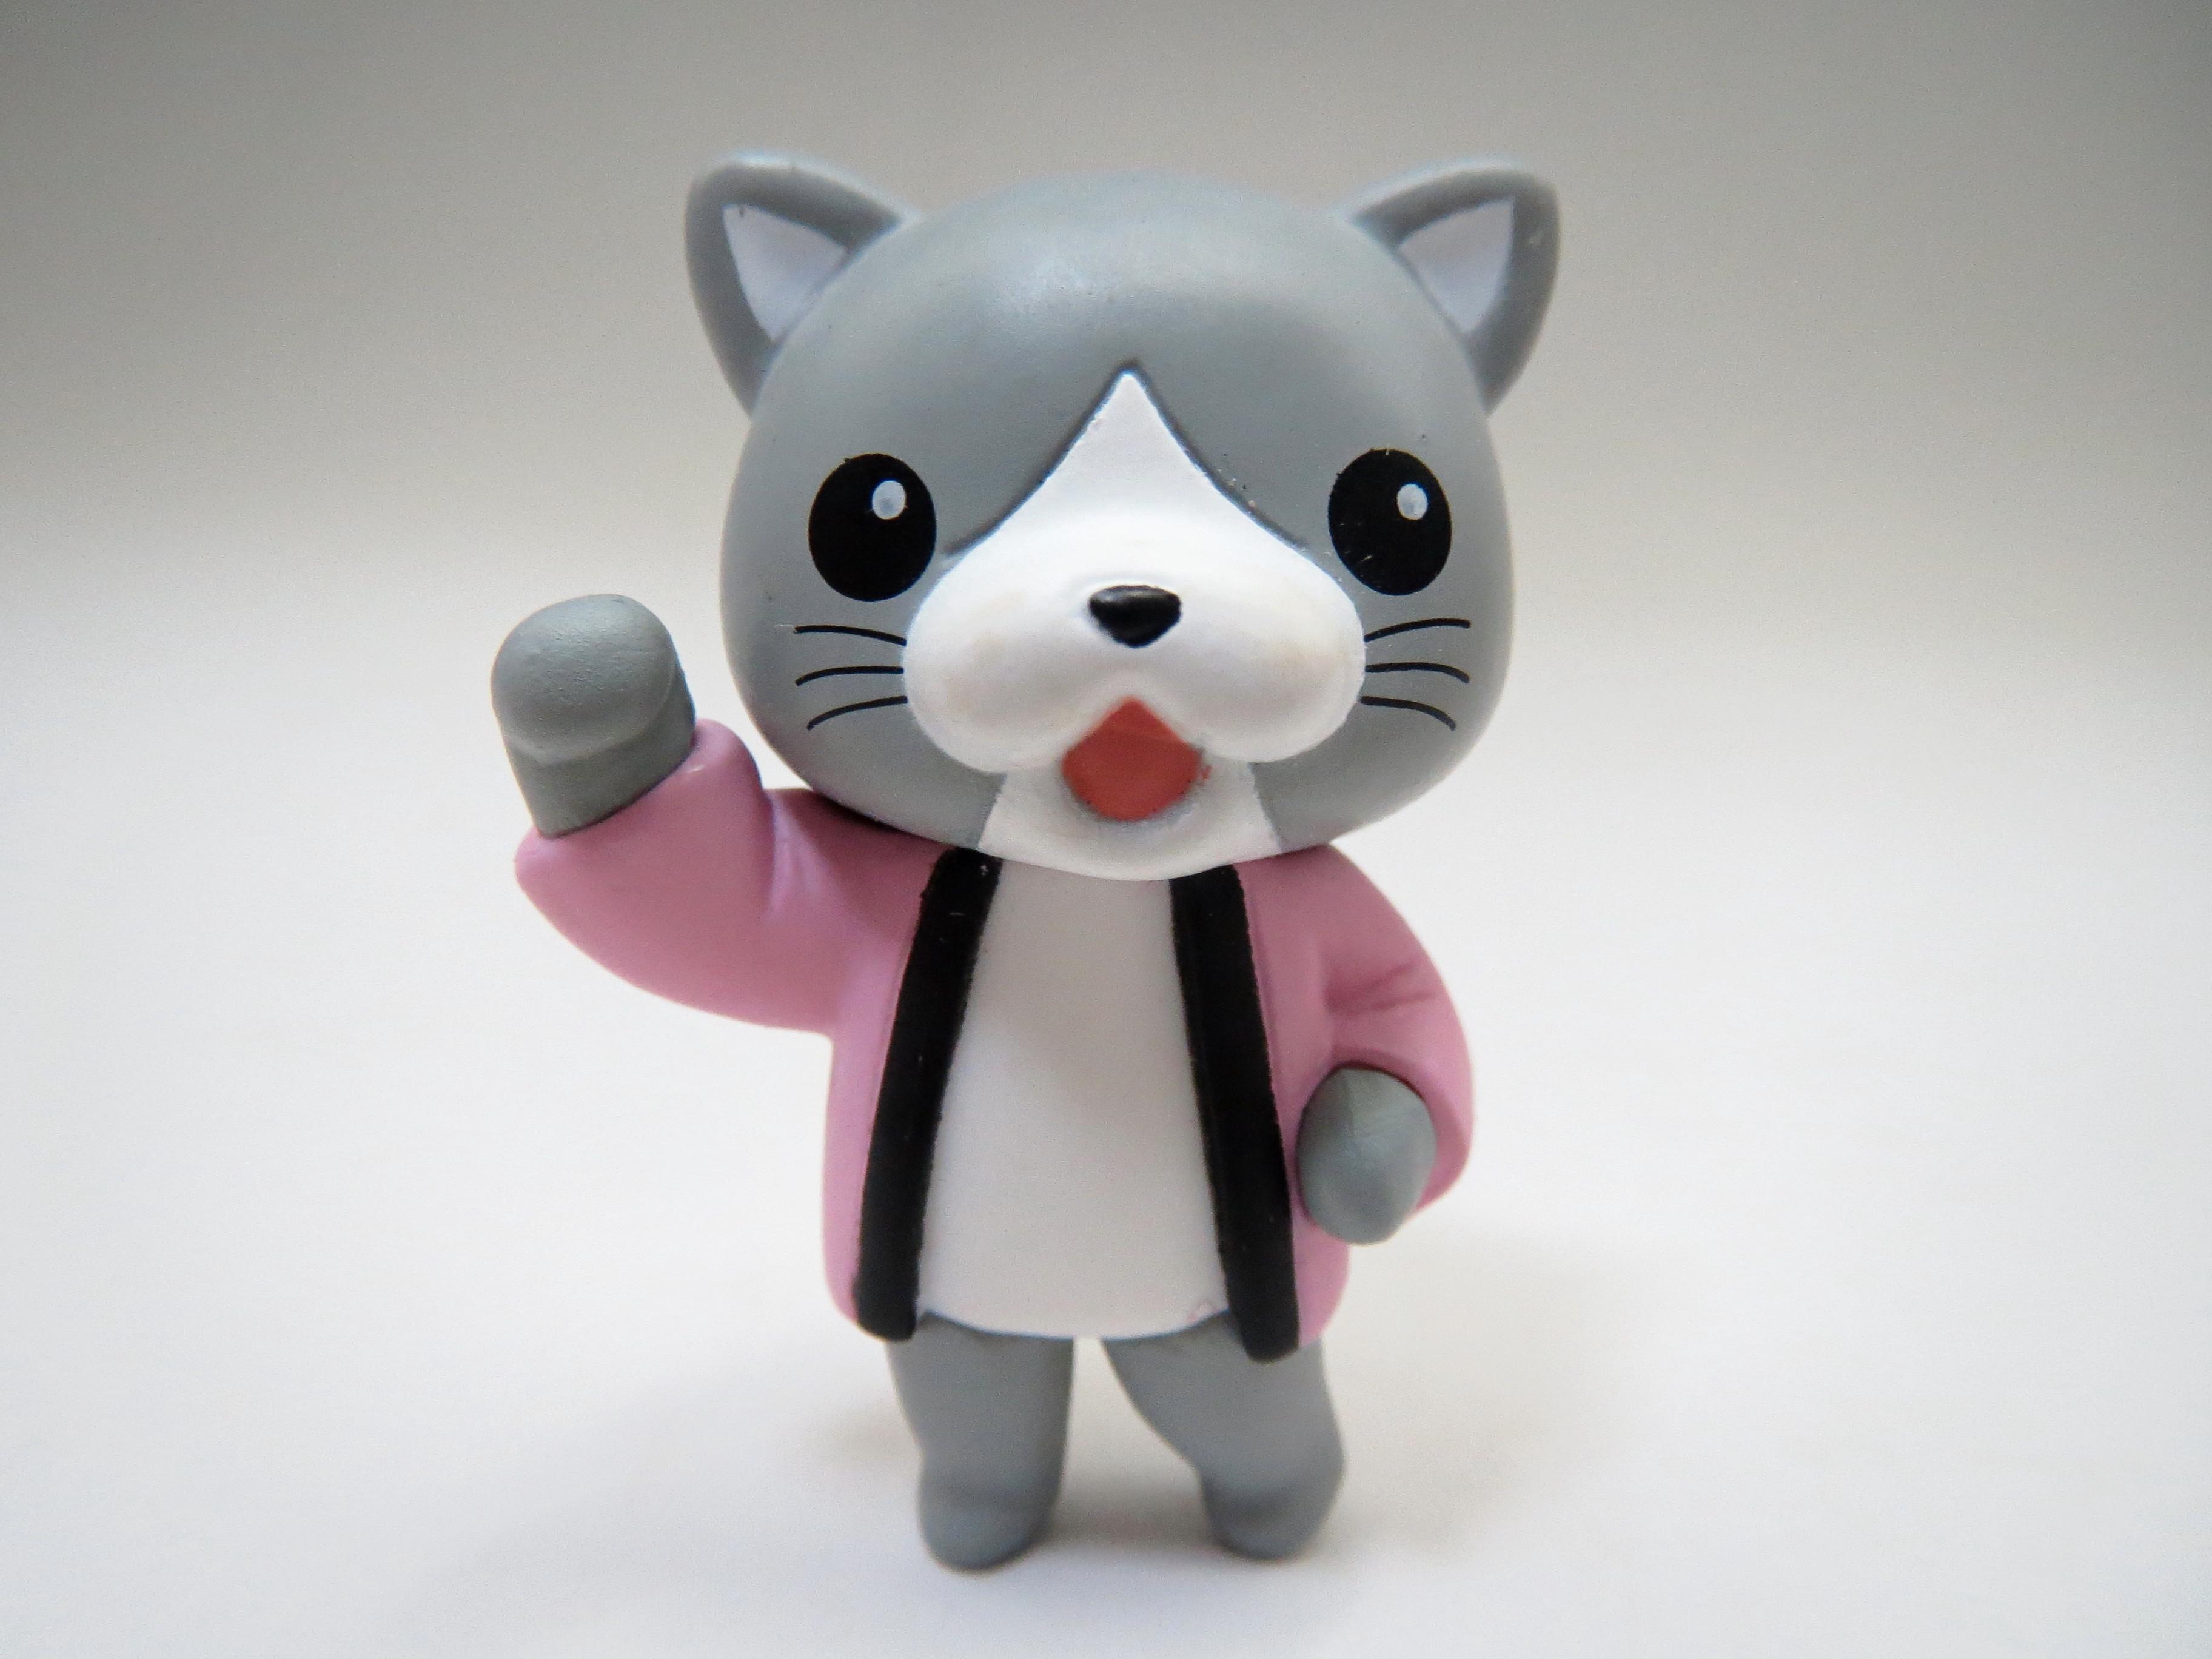 再入荷【321】 田村ゆかり 小物パーツ くすんだネコ ねんどろいど